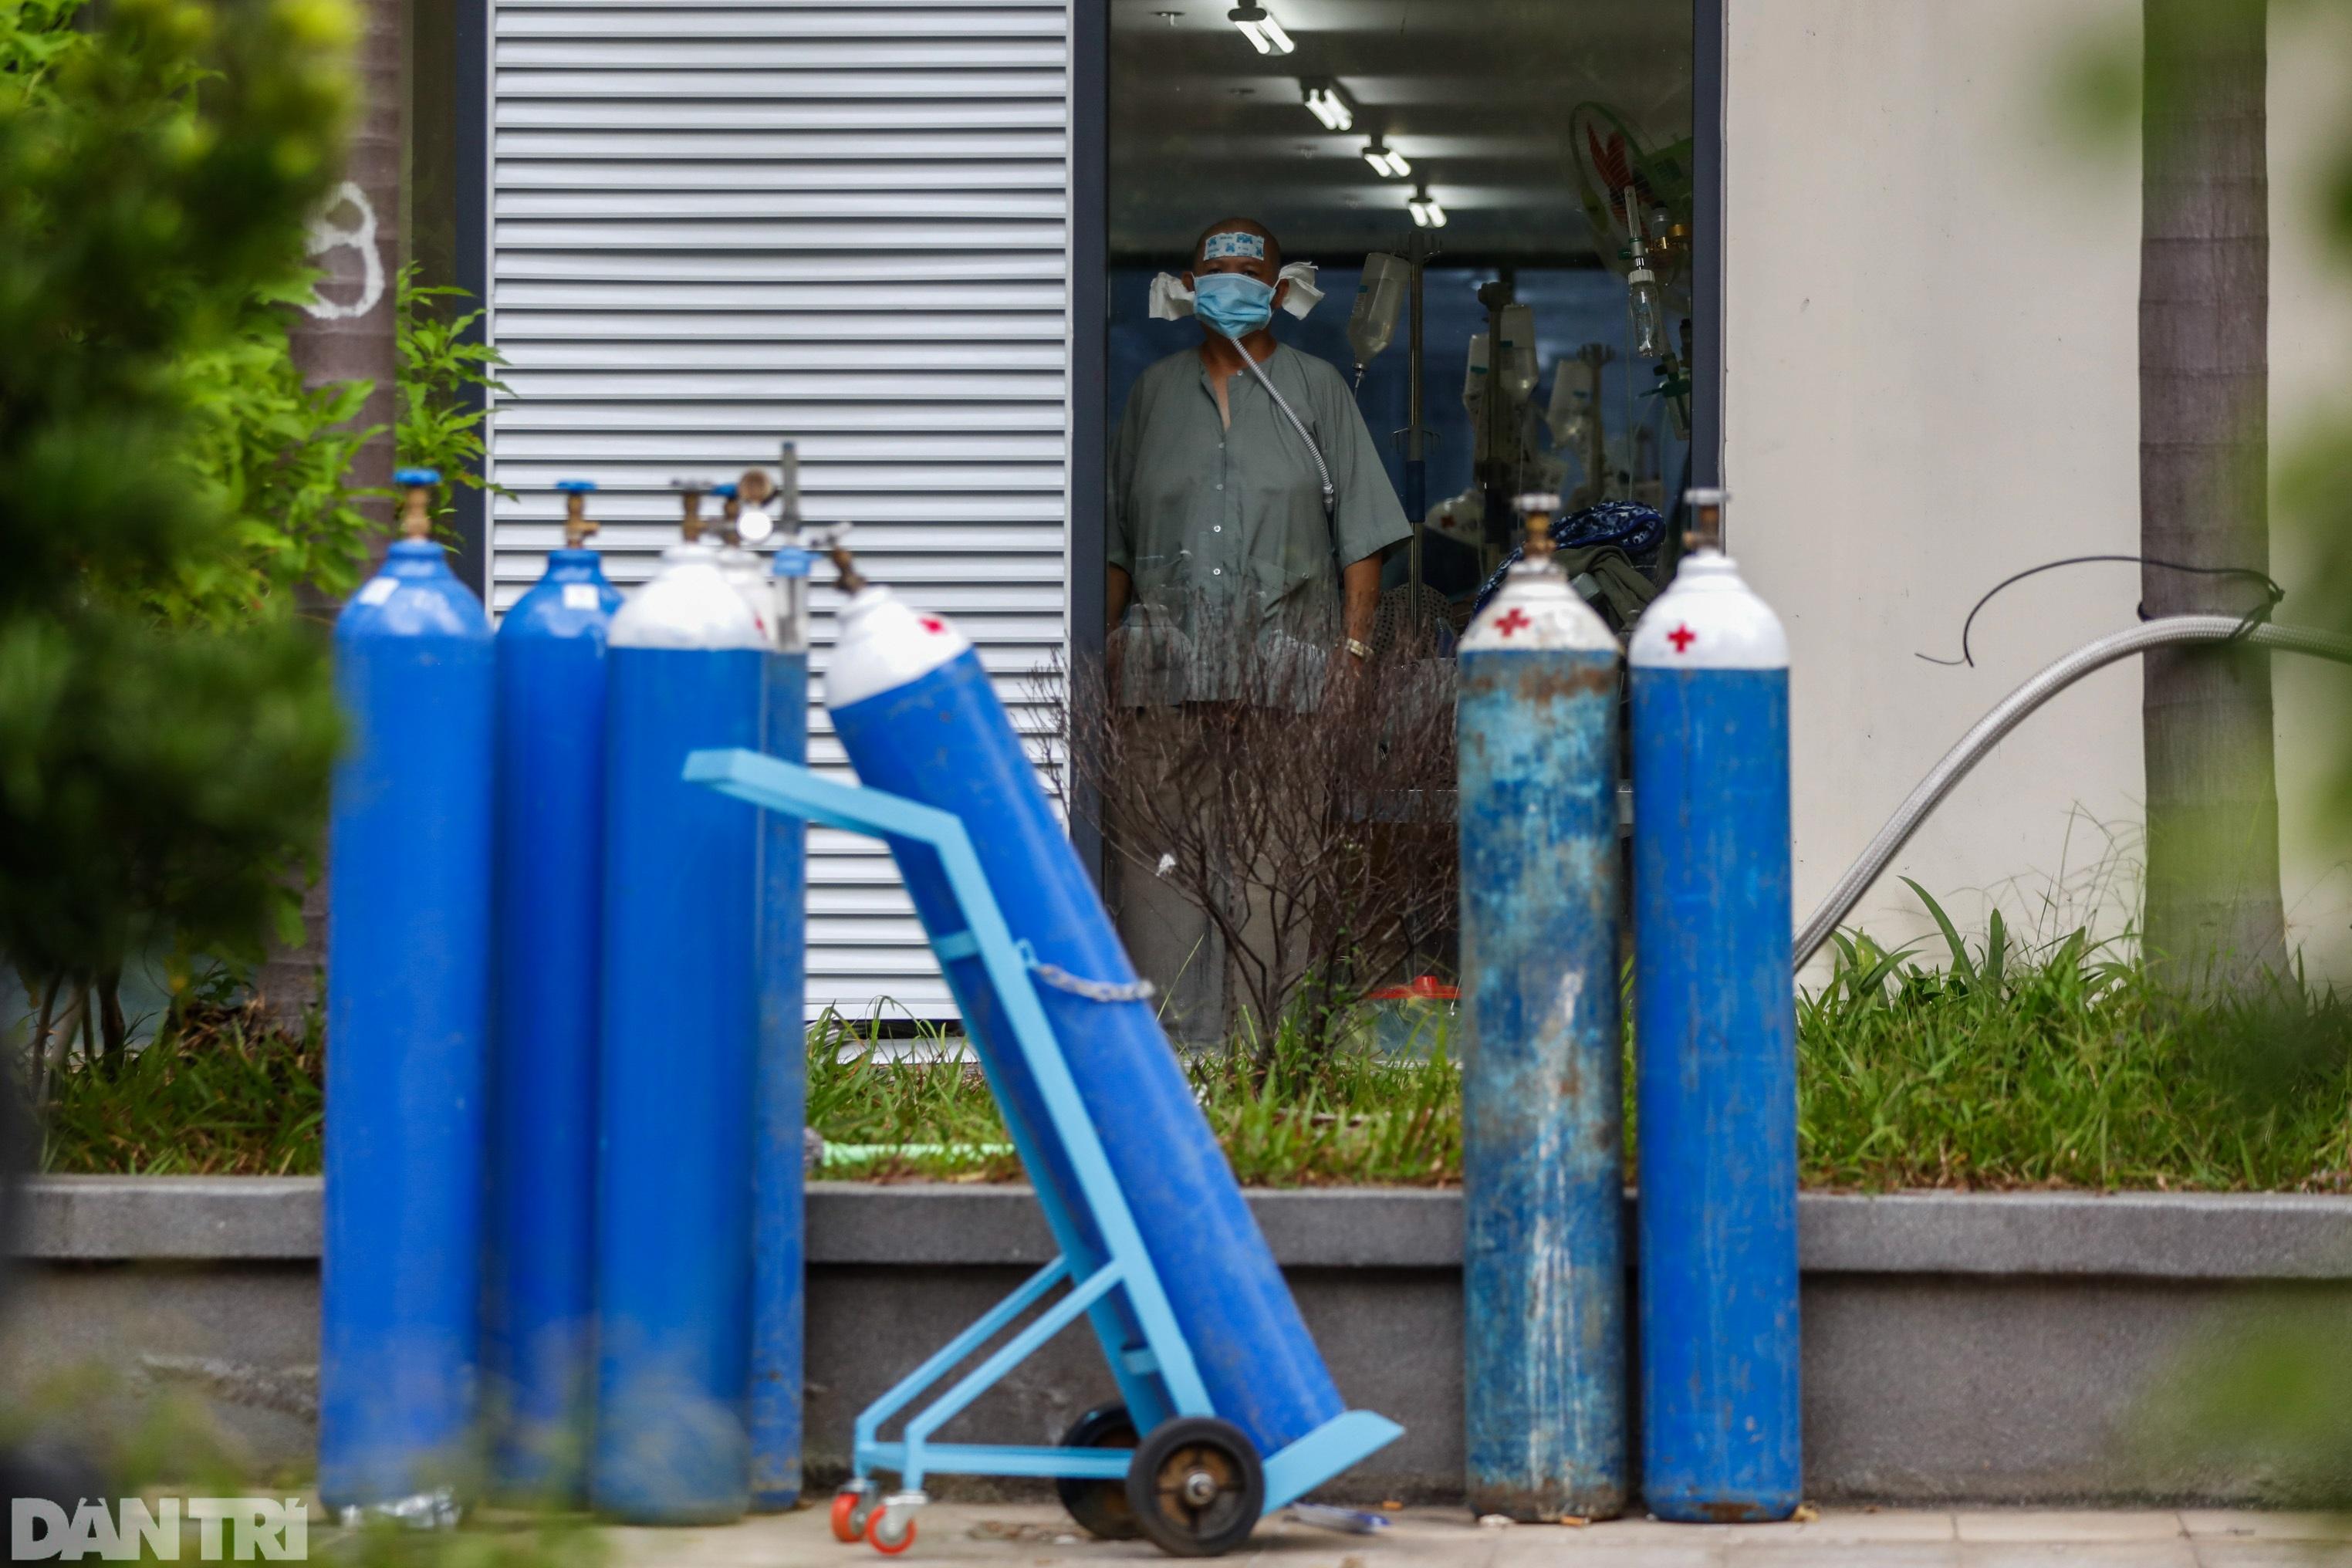 Bác sĩ sáng chế bình oxy đặc biệt giúp hàng trăm F0 vượt cửa tử - 16